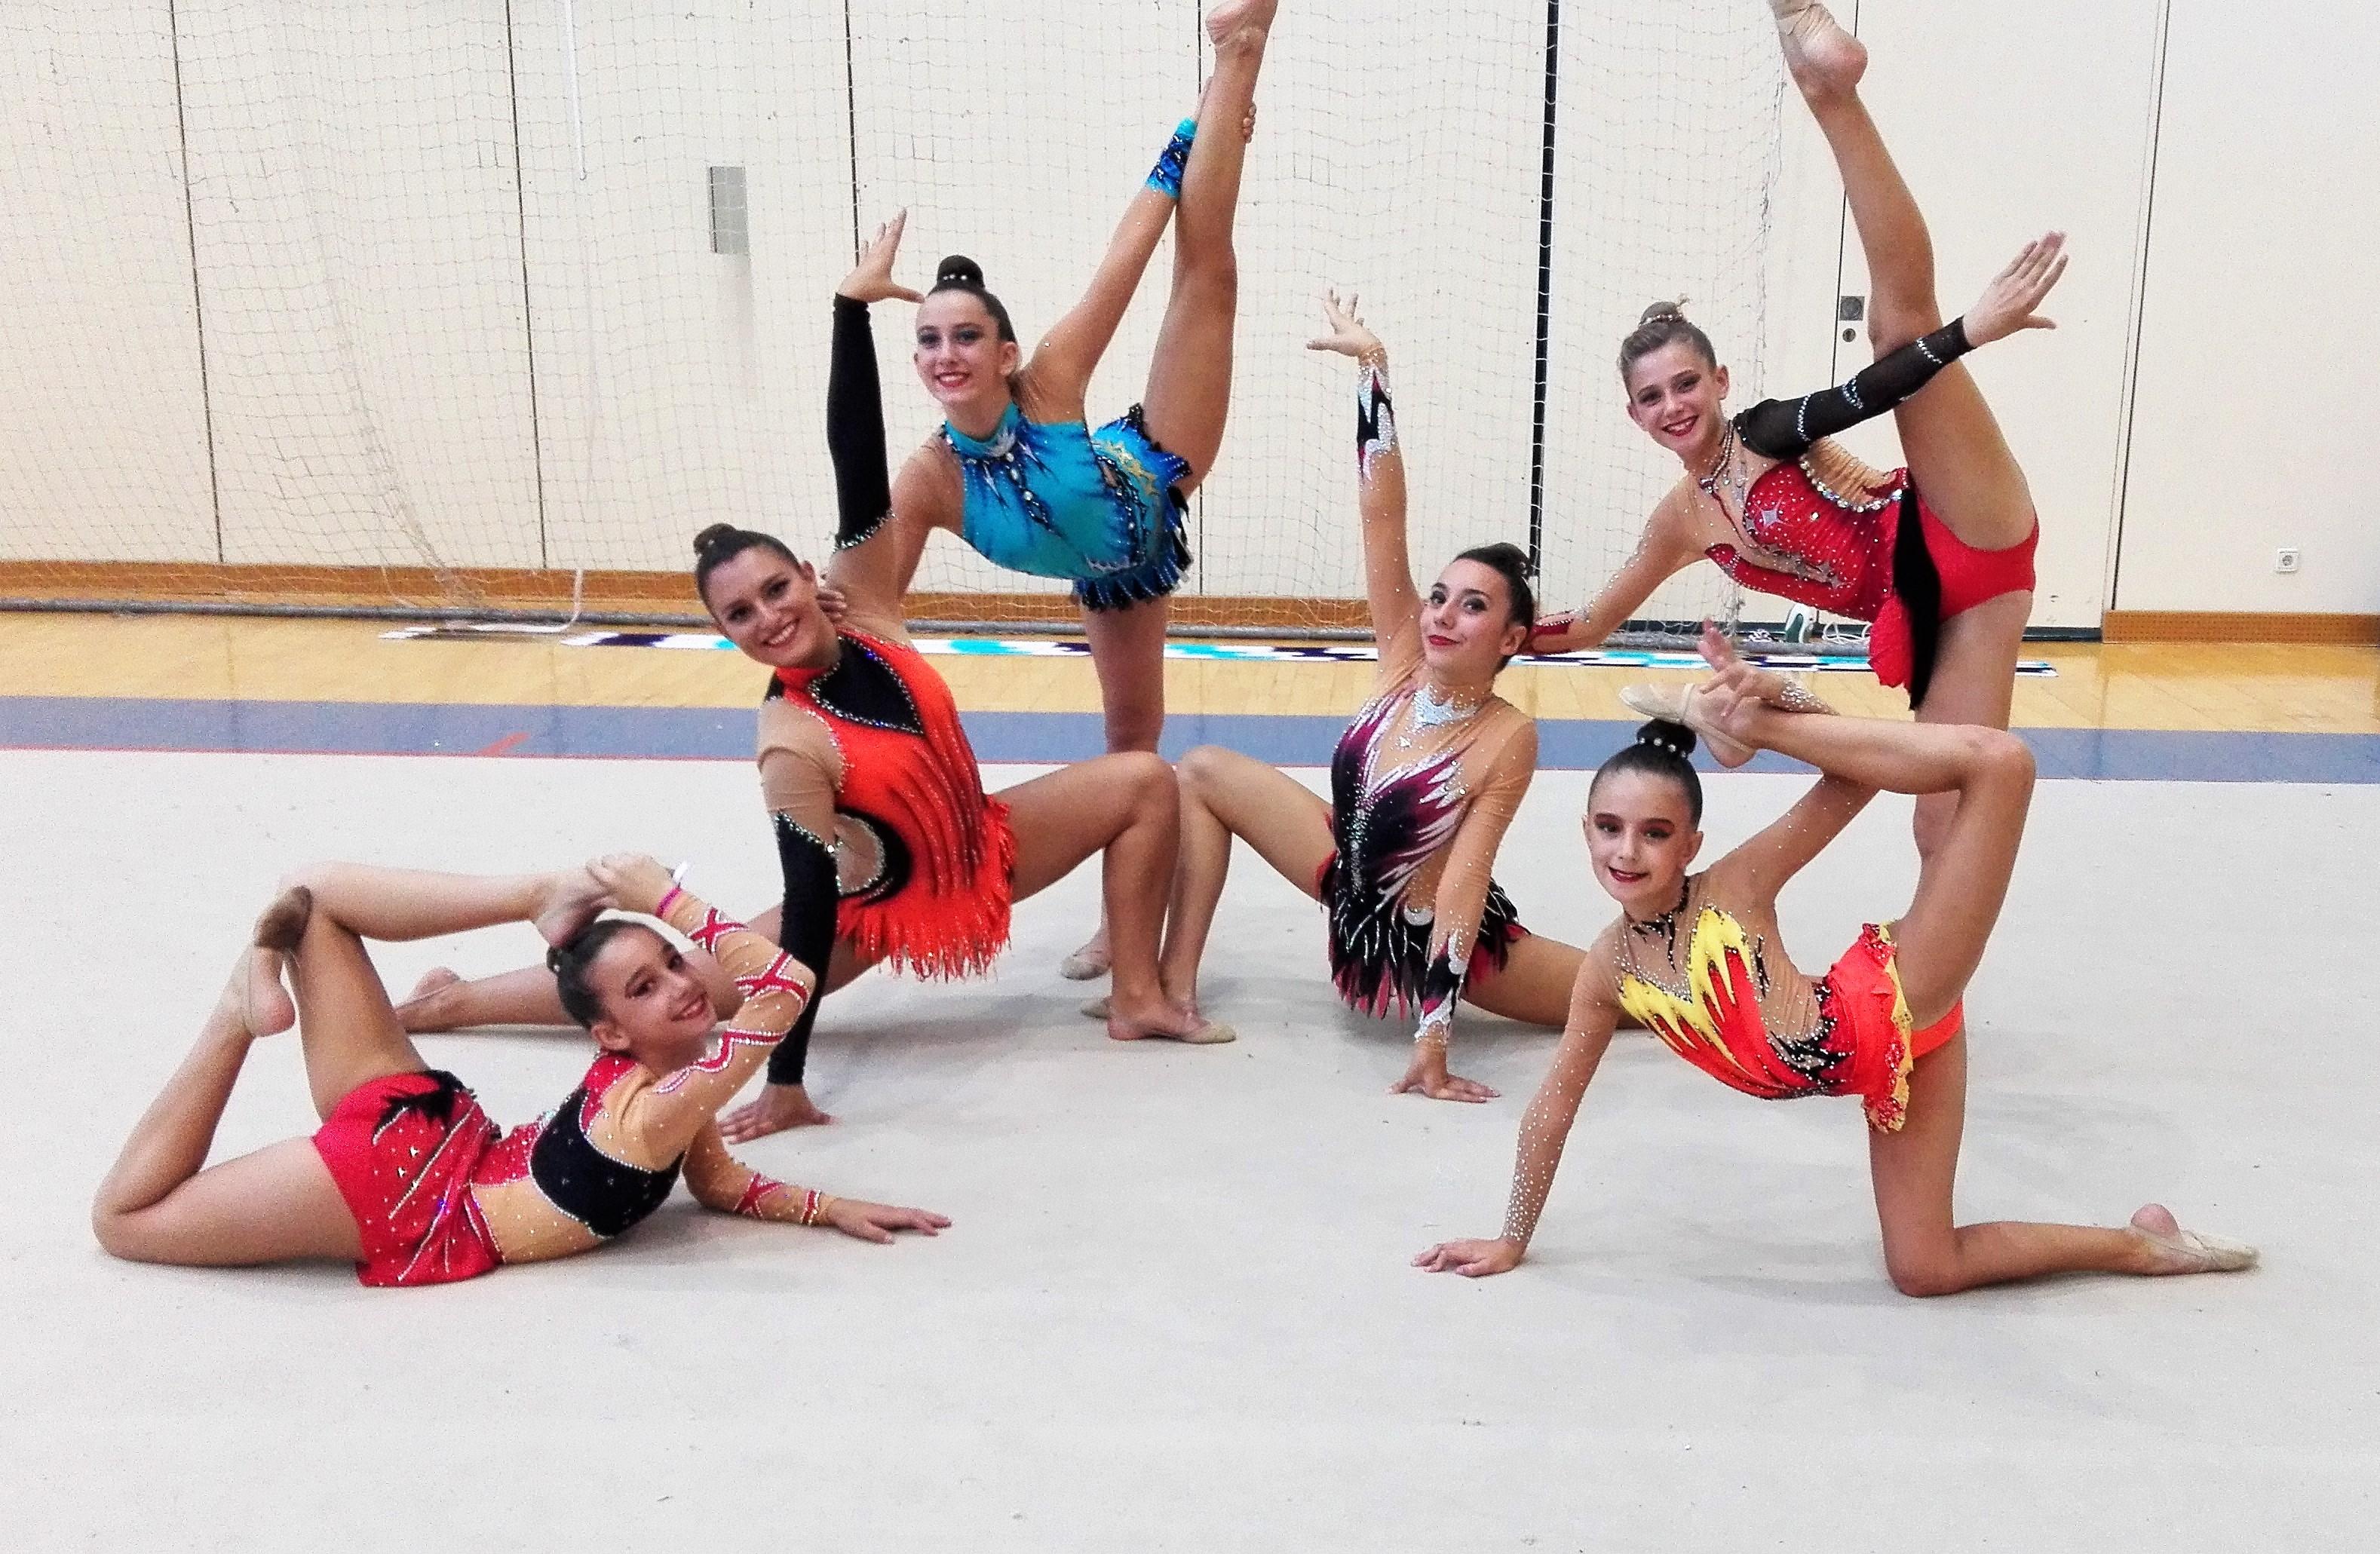 El CGR Velilla clasifica a tres de sus gimnastas para el Campeonato de España